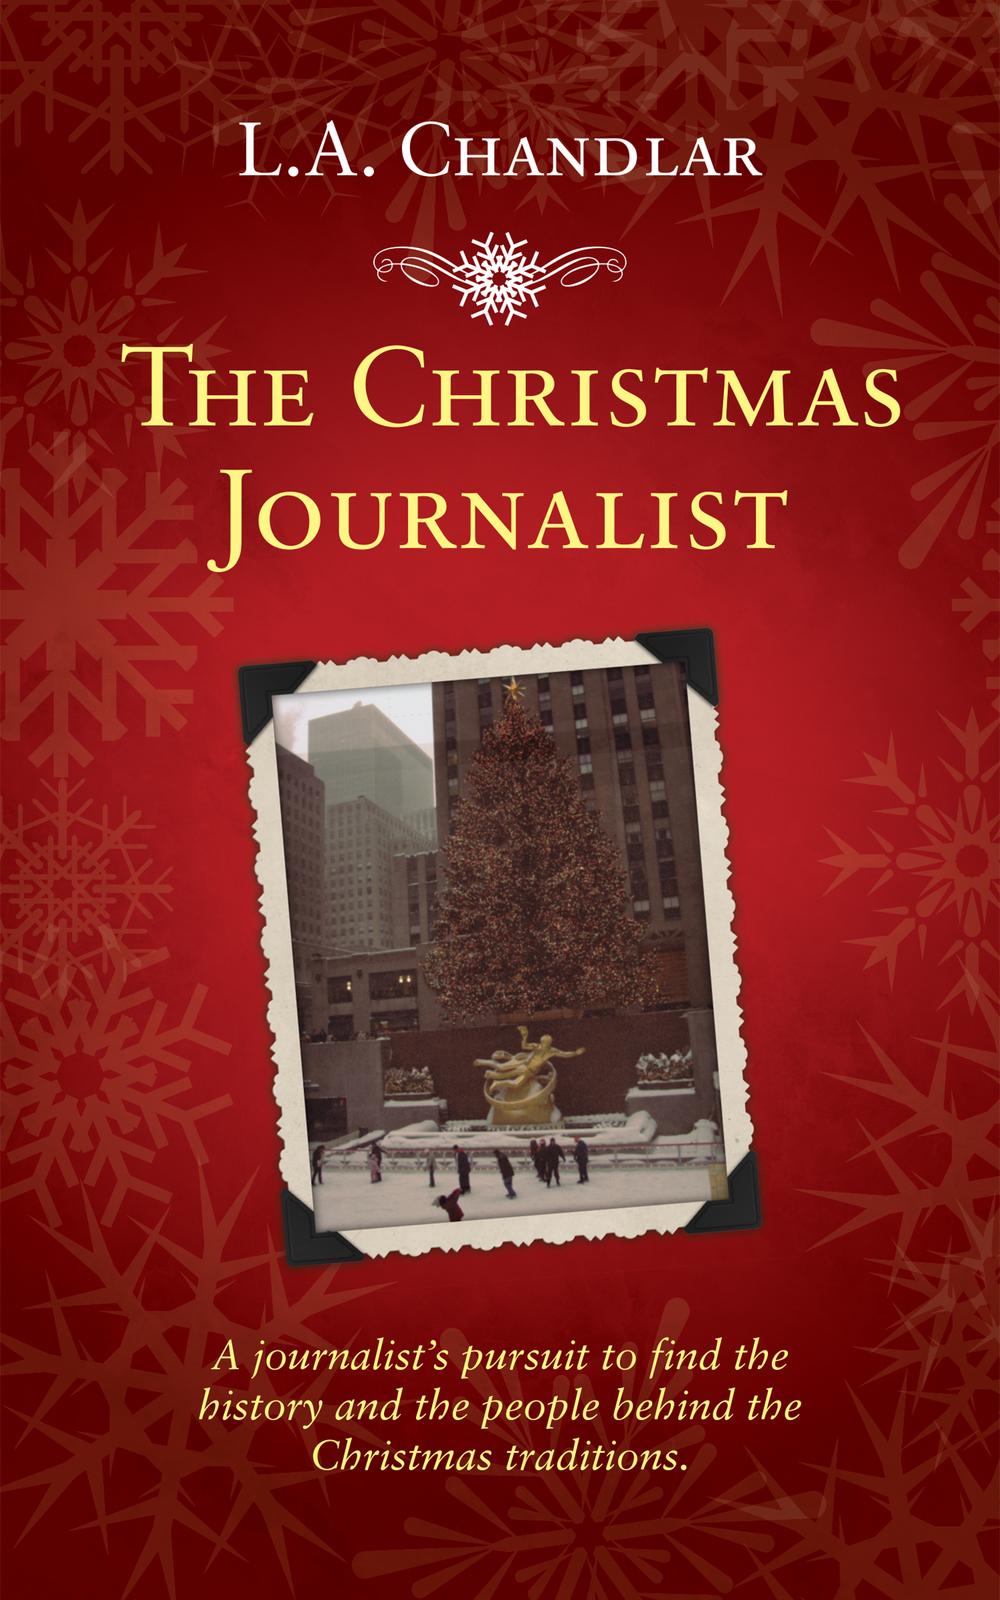 Christmas Journal Cover_Promo.jpg